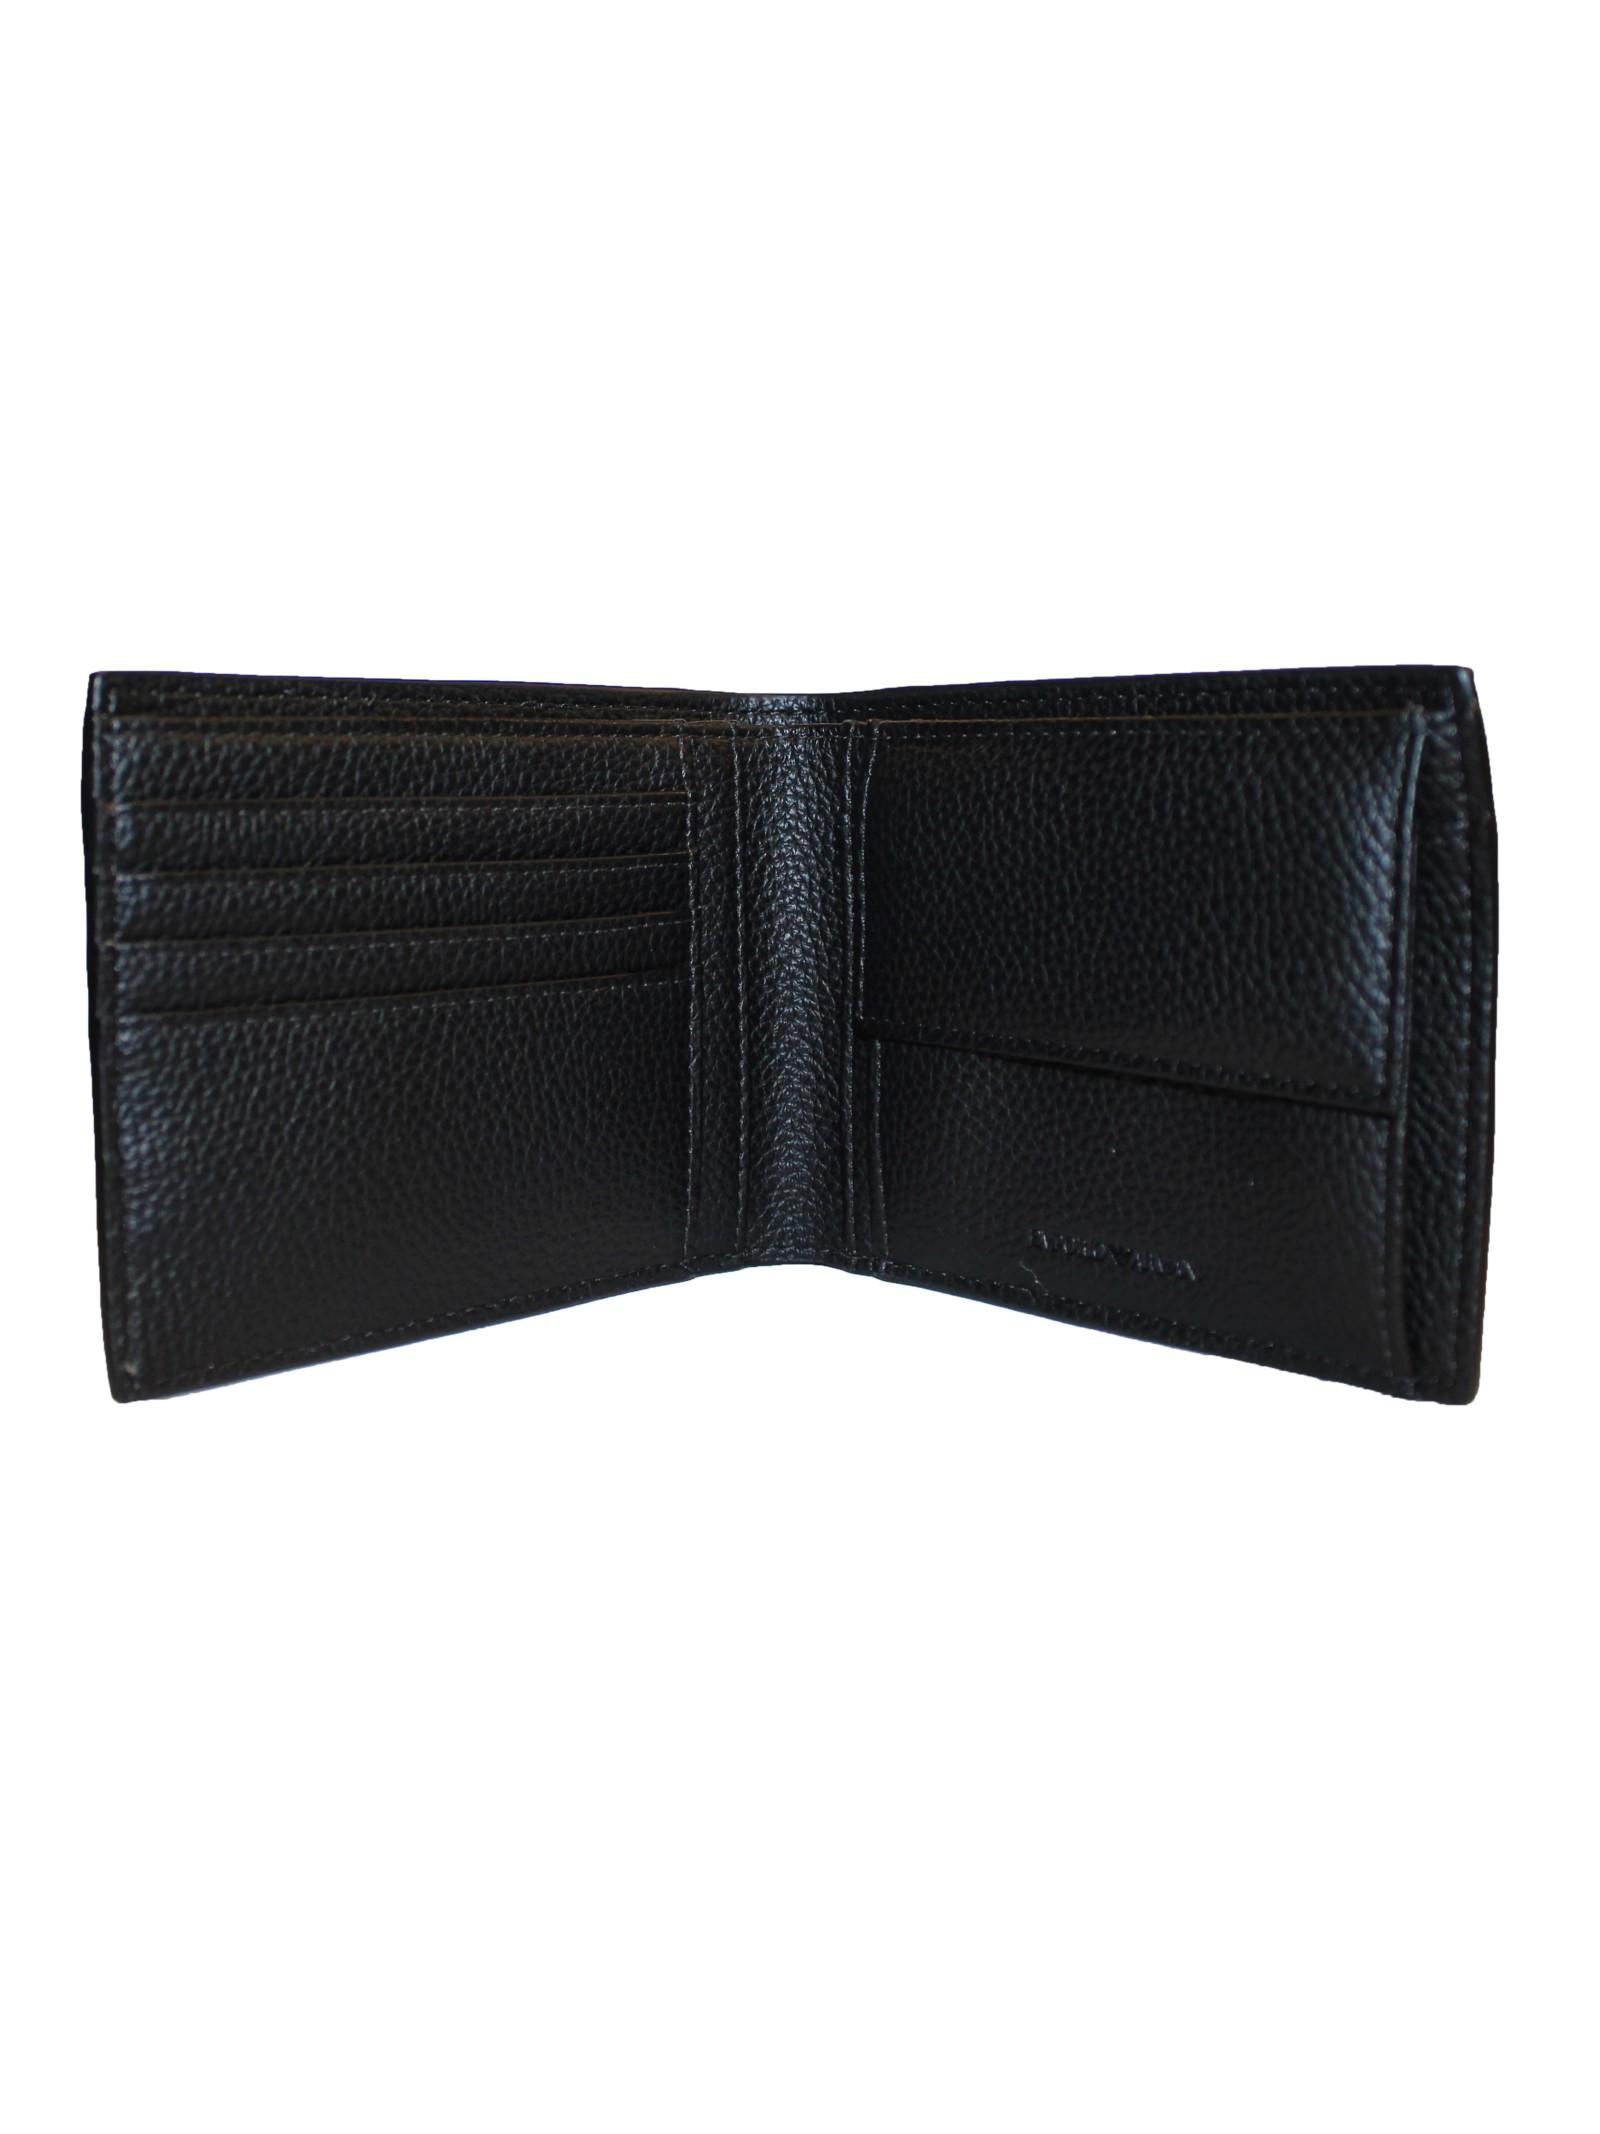 Portafoglio bi-fold Emporio Armani   Portafogli   Y4R165-YG89JNERO